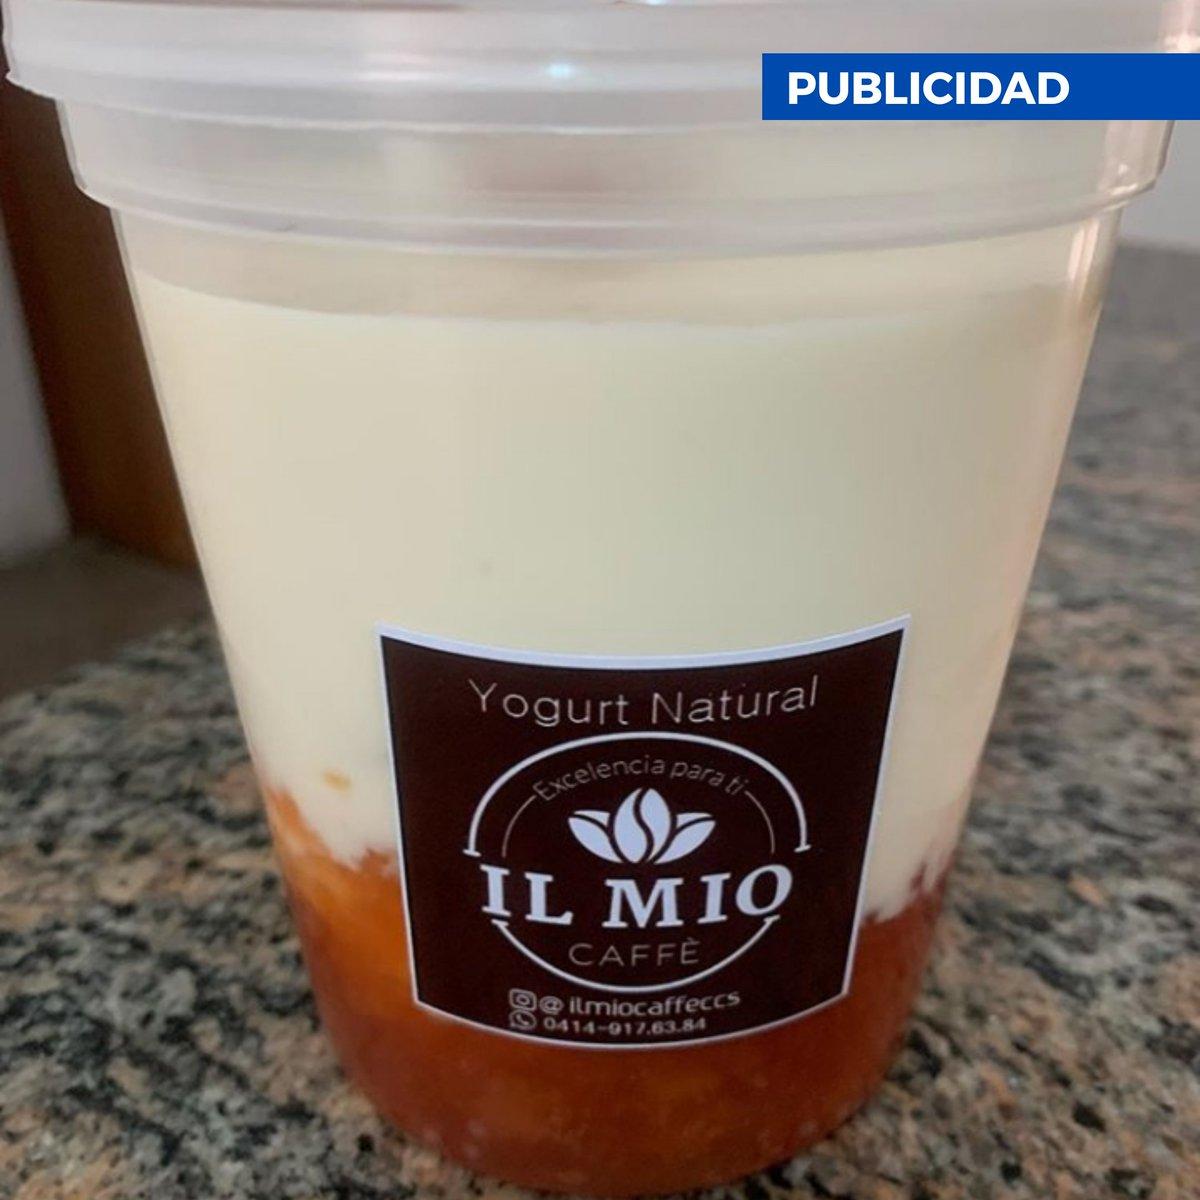 @ilmiocaffeccs   Caracas cuenta con los mejores yogures.  Si estas en la capital del país no dudes en probarlos.  #Prensalternativa #Cumaná #Sucre #Venezuela #Publicidad #Miranda #Caracas #28Octubre https://t.co/FFhJPomoeV